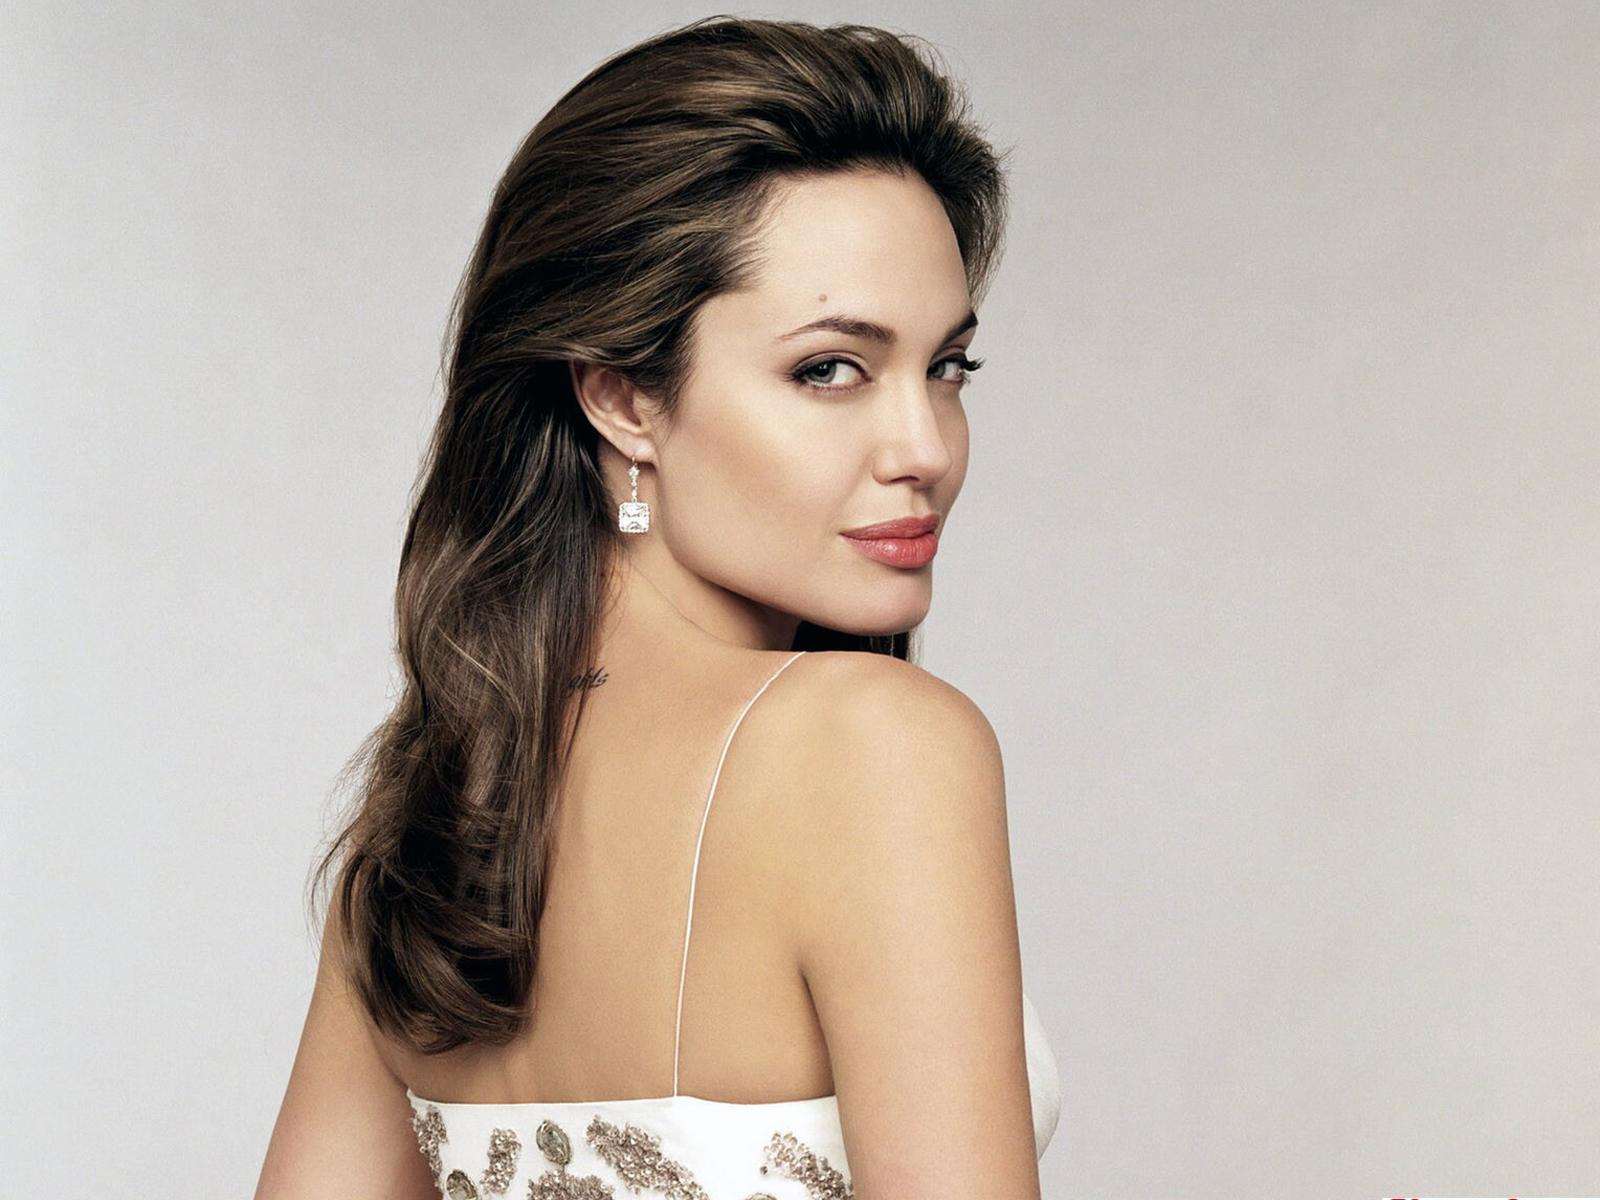 http://3.bp.blogspot.com/-tPn-pdymqv8/TxmEYTjUJgI/AAAAAAAABZs/uQ1Z1_bn10E/s1600/Angelina-Jolie-Wallpapers-Widescreen-2.jpg